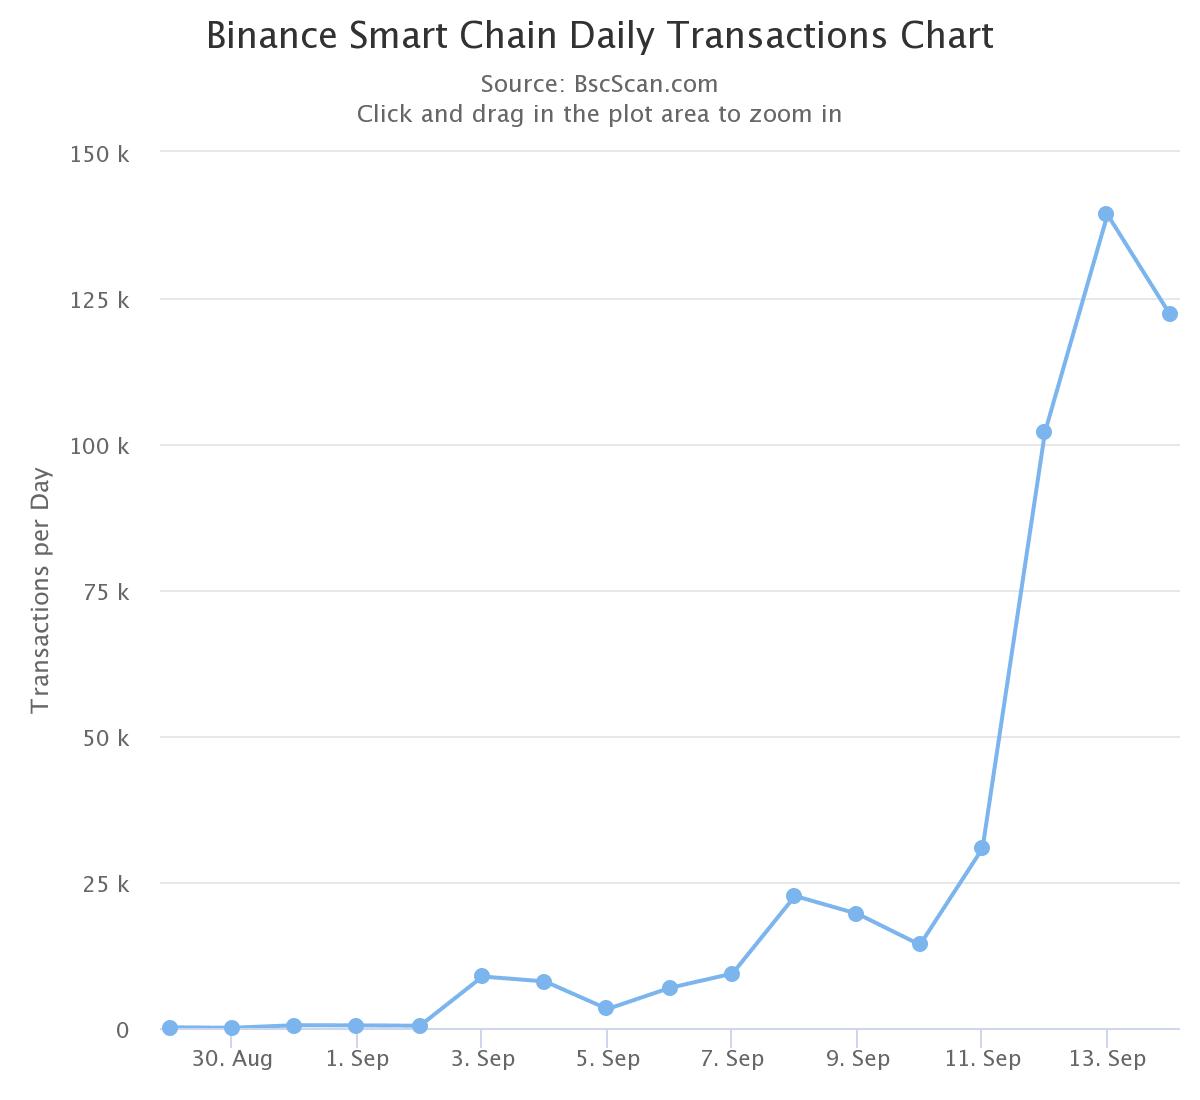 https://bscscan.com/chart/tx